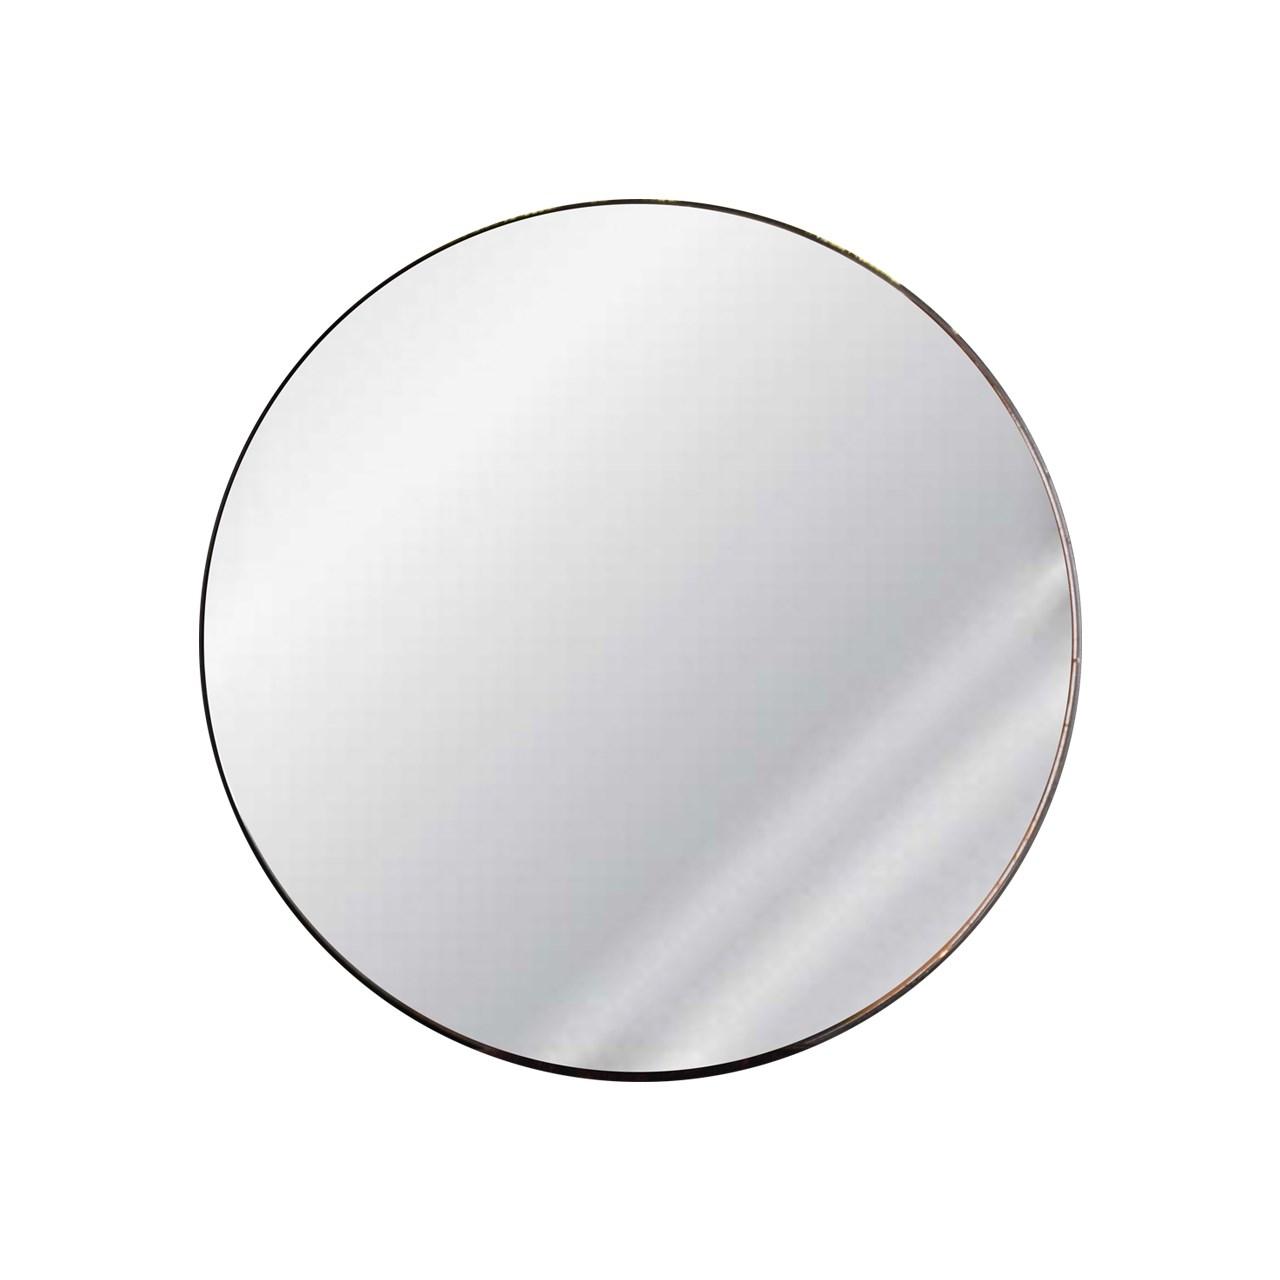 آینه تولیکا مدل Circle کد 1806